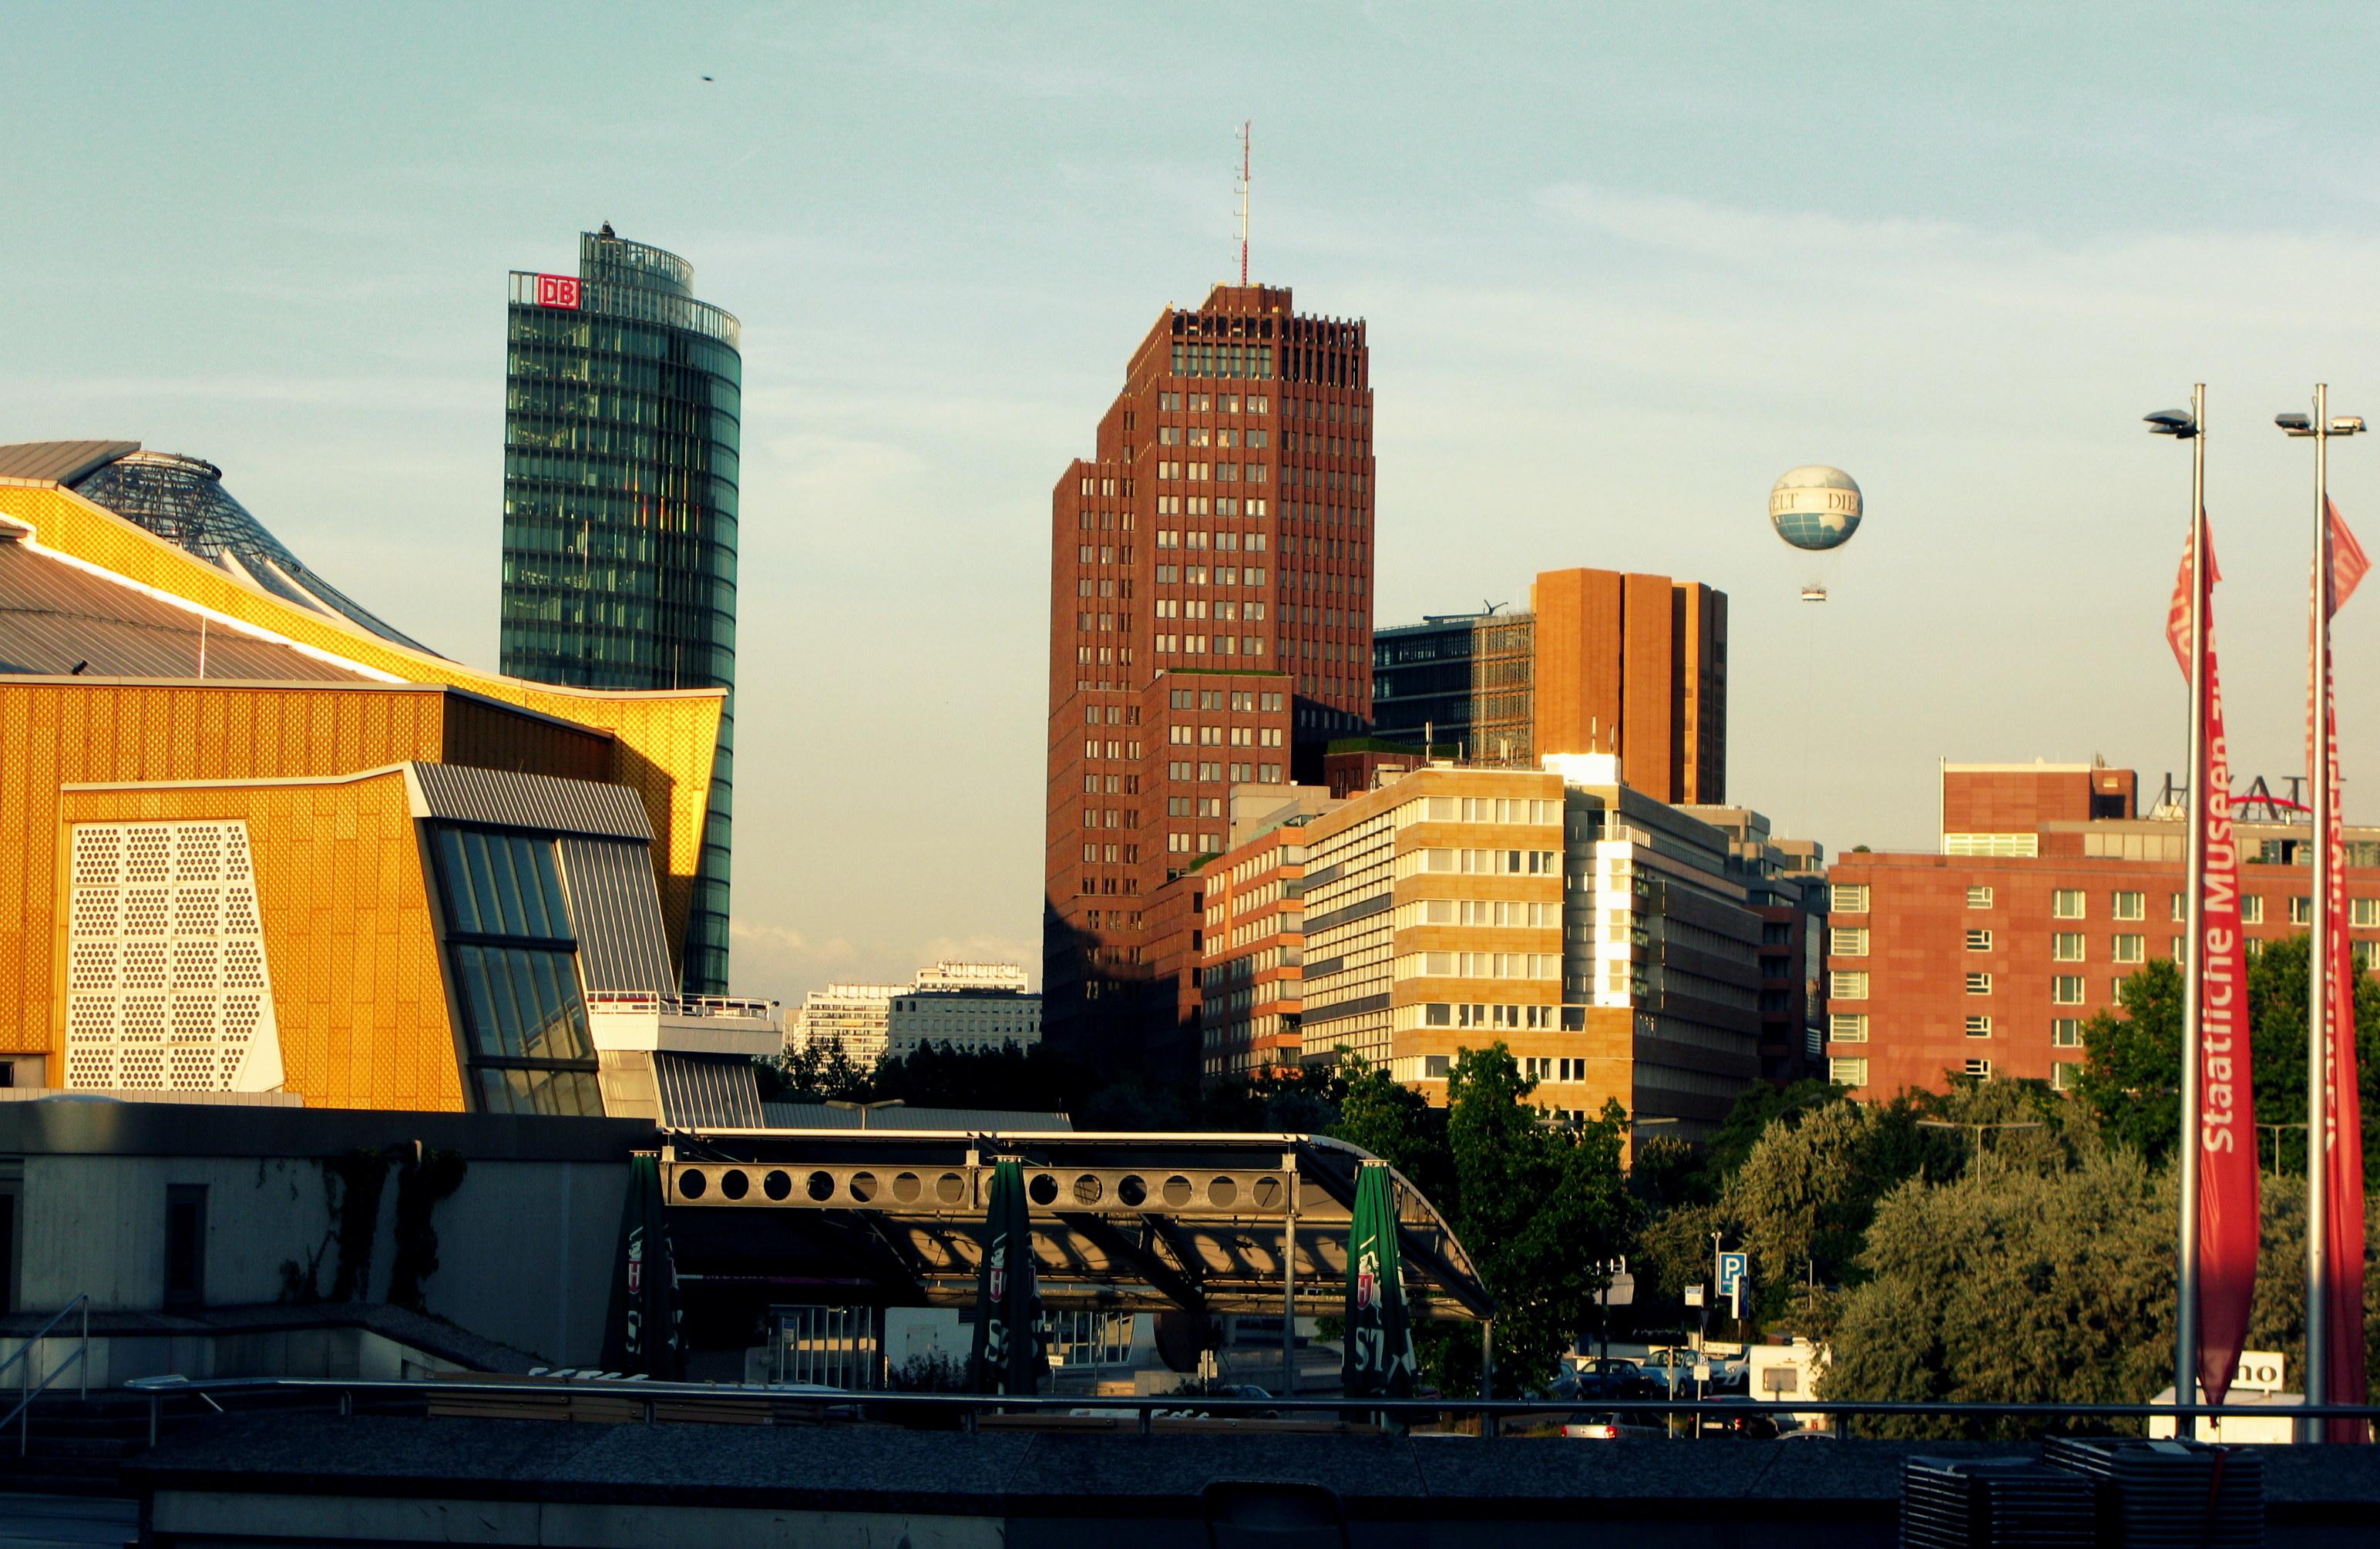 Вид на Potsdamer Platz со стороны Берлинской филармонии. Фото автора